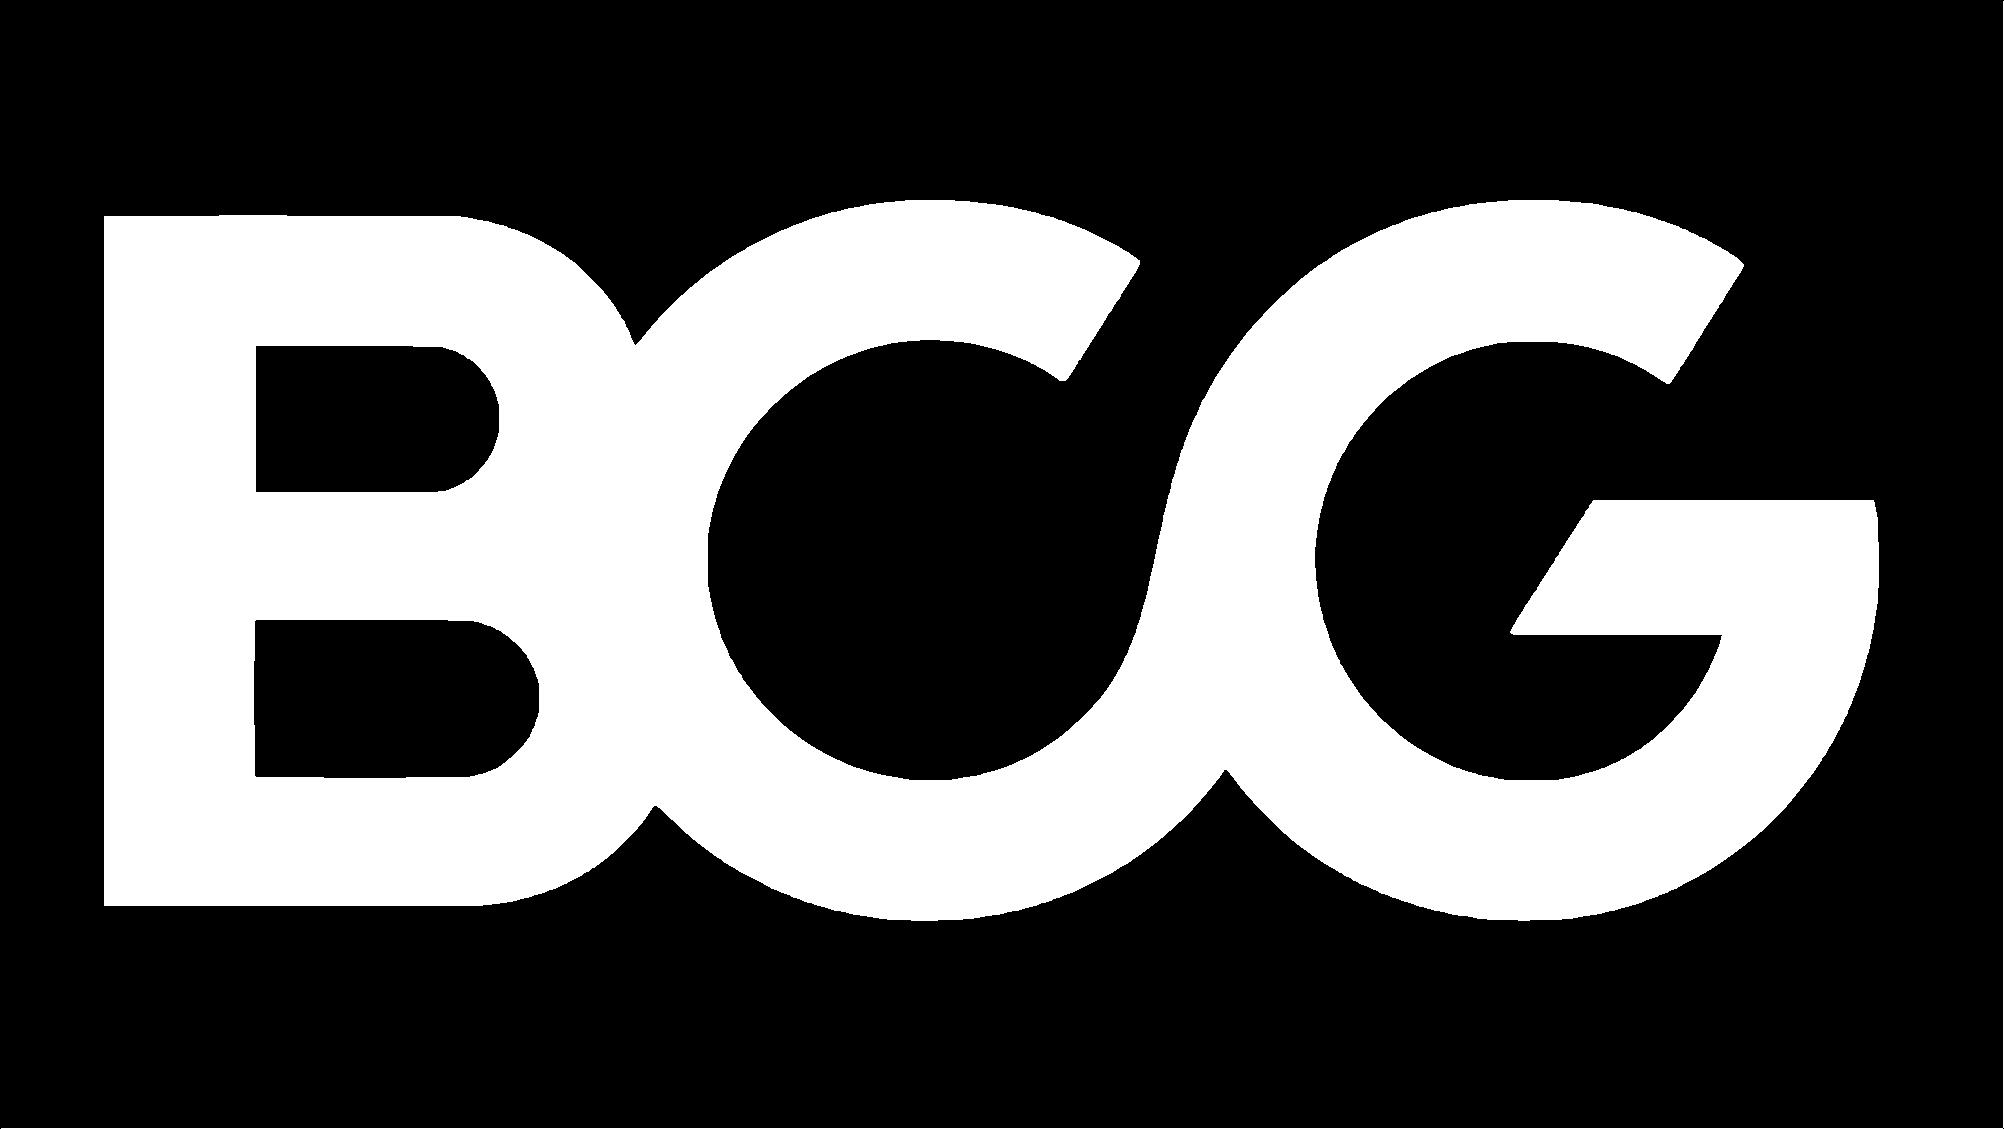 bcg_logo_white